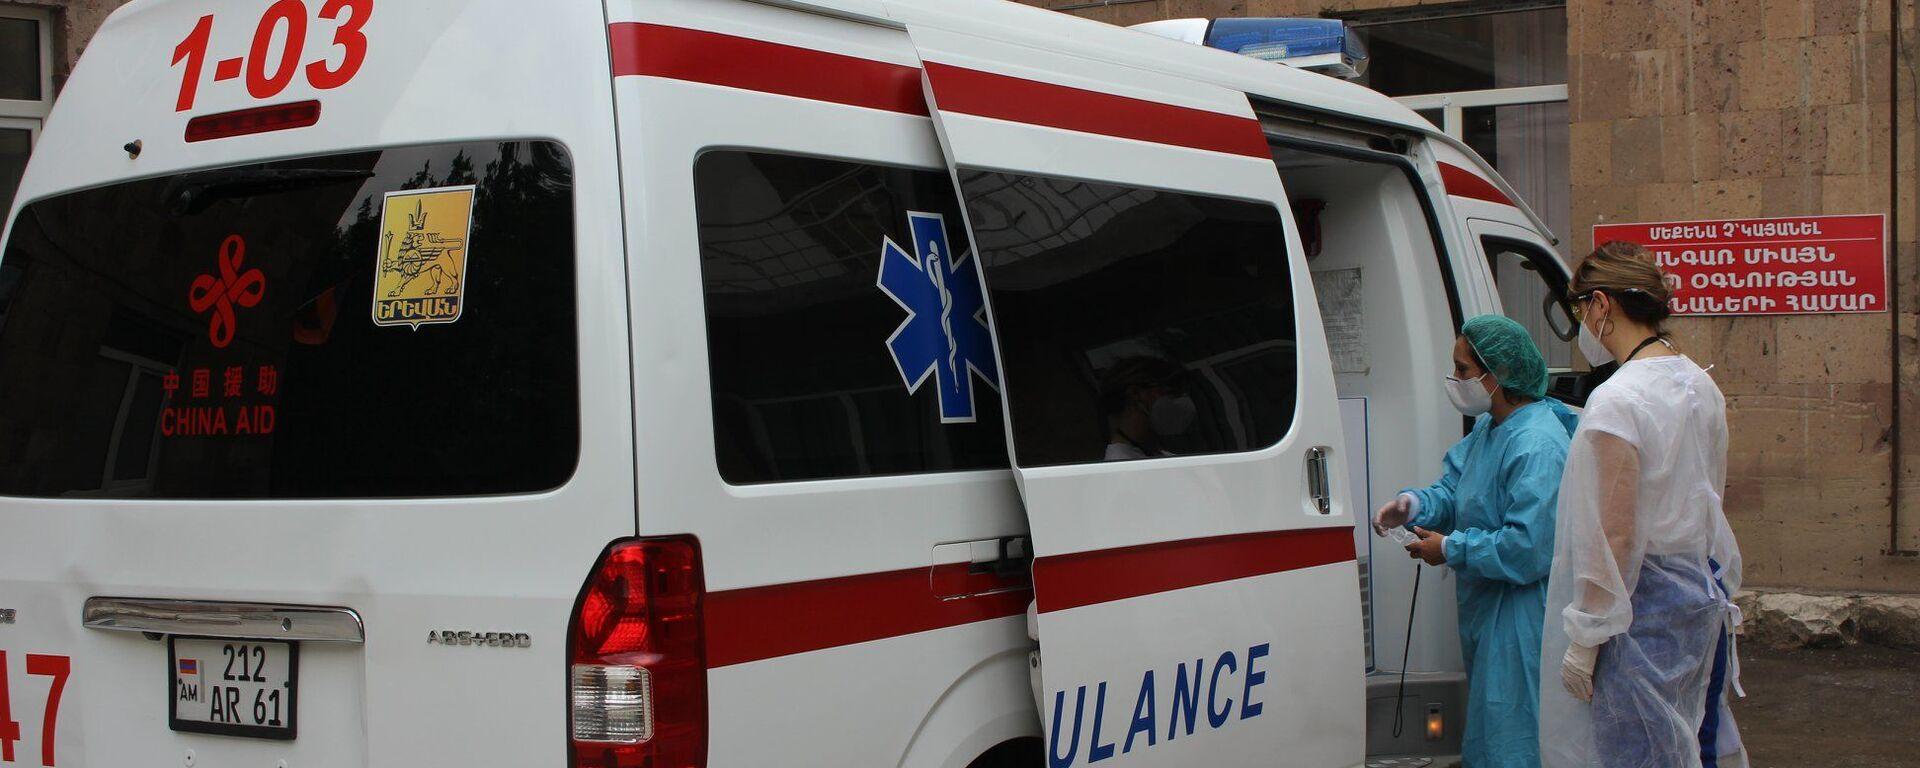 Два медицинских центра Араратской области полностью заняты борьбой с коронавирусом (1 июля 2020). - Sputnik Արմենիա, 1920, 12.07.2021